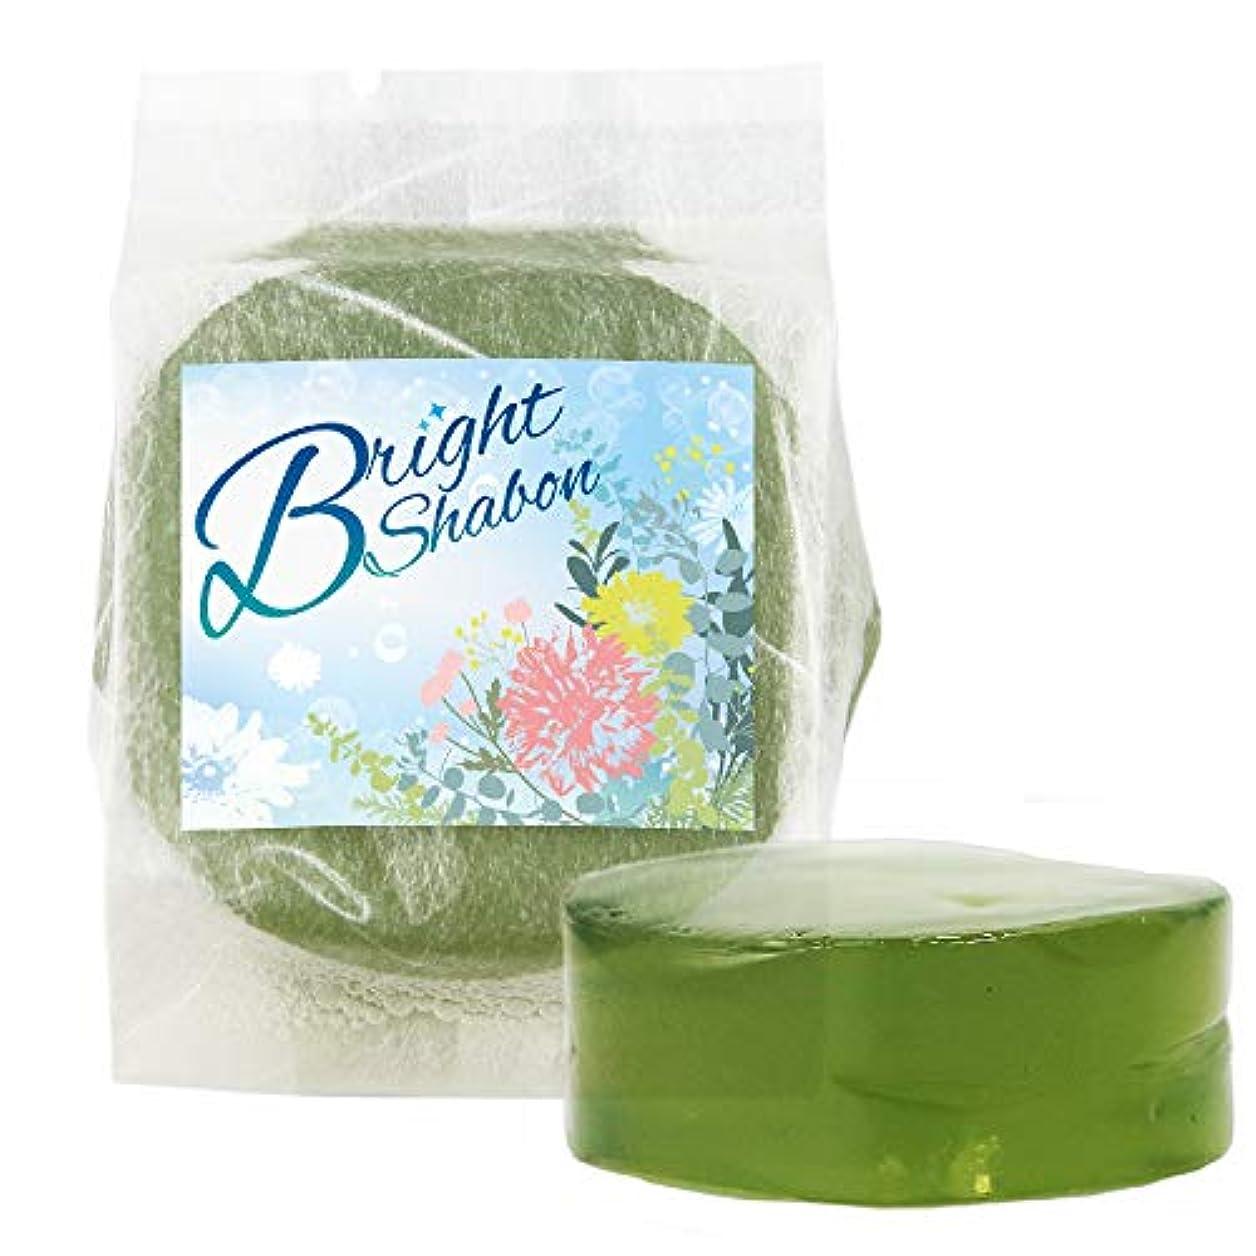 ブライトシャボン Bright Shabon 洗顔料 ぷるぷる石鹸 石けん